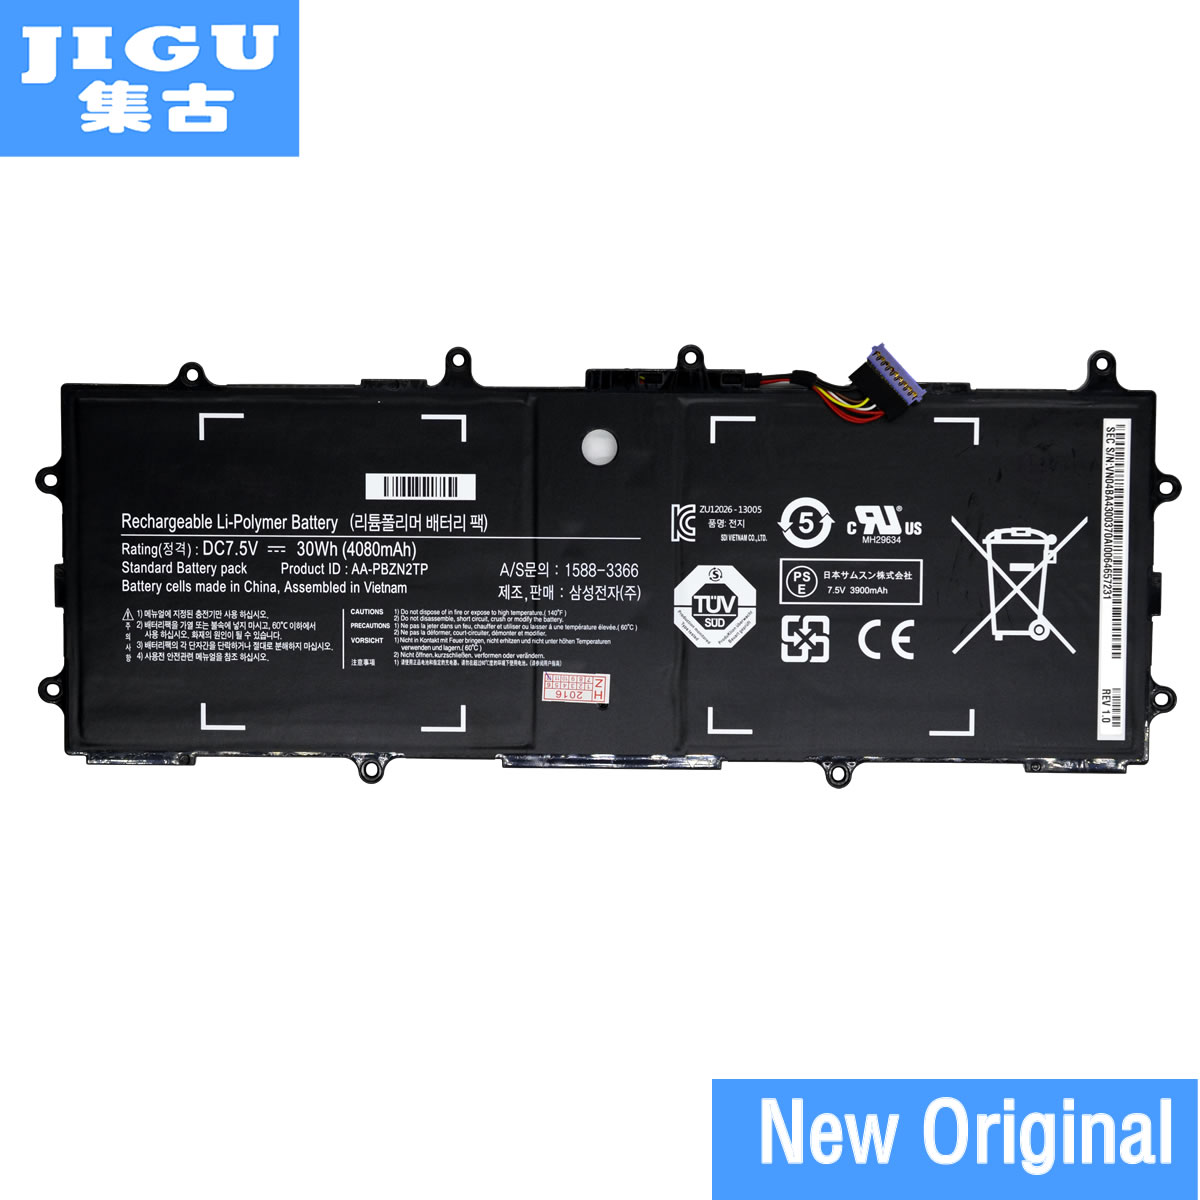 JIGU new genuine AA-PBZN2TP Battery for Samsung Chromebook XE500T1C 905S 915S 905s3g XE303 XE303C12 7.5V 4080mAh